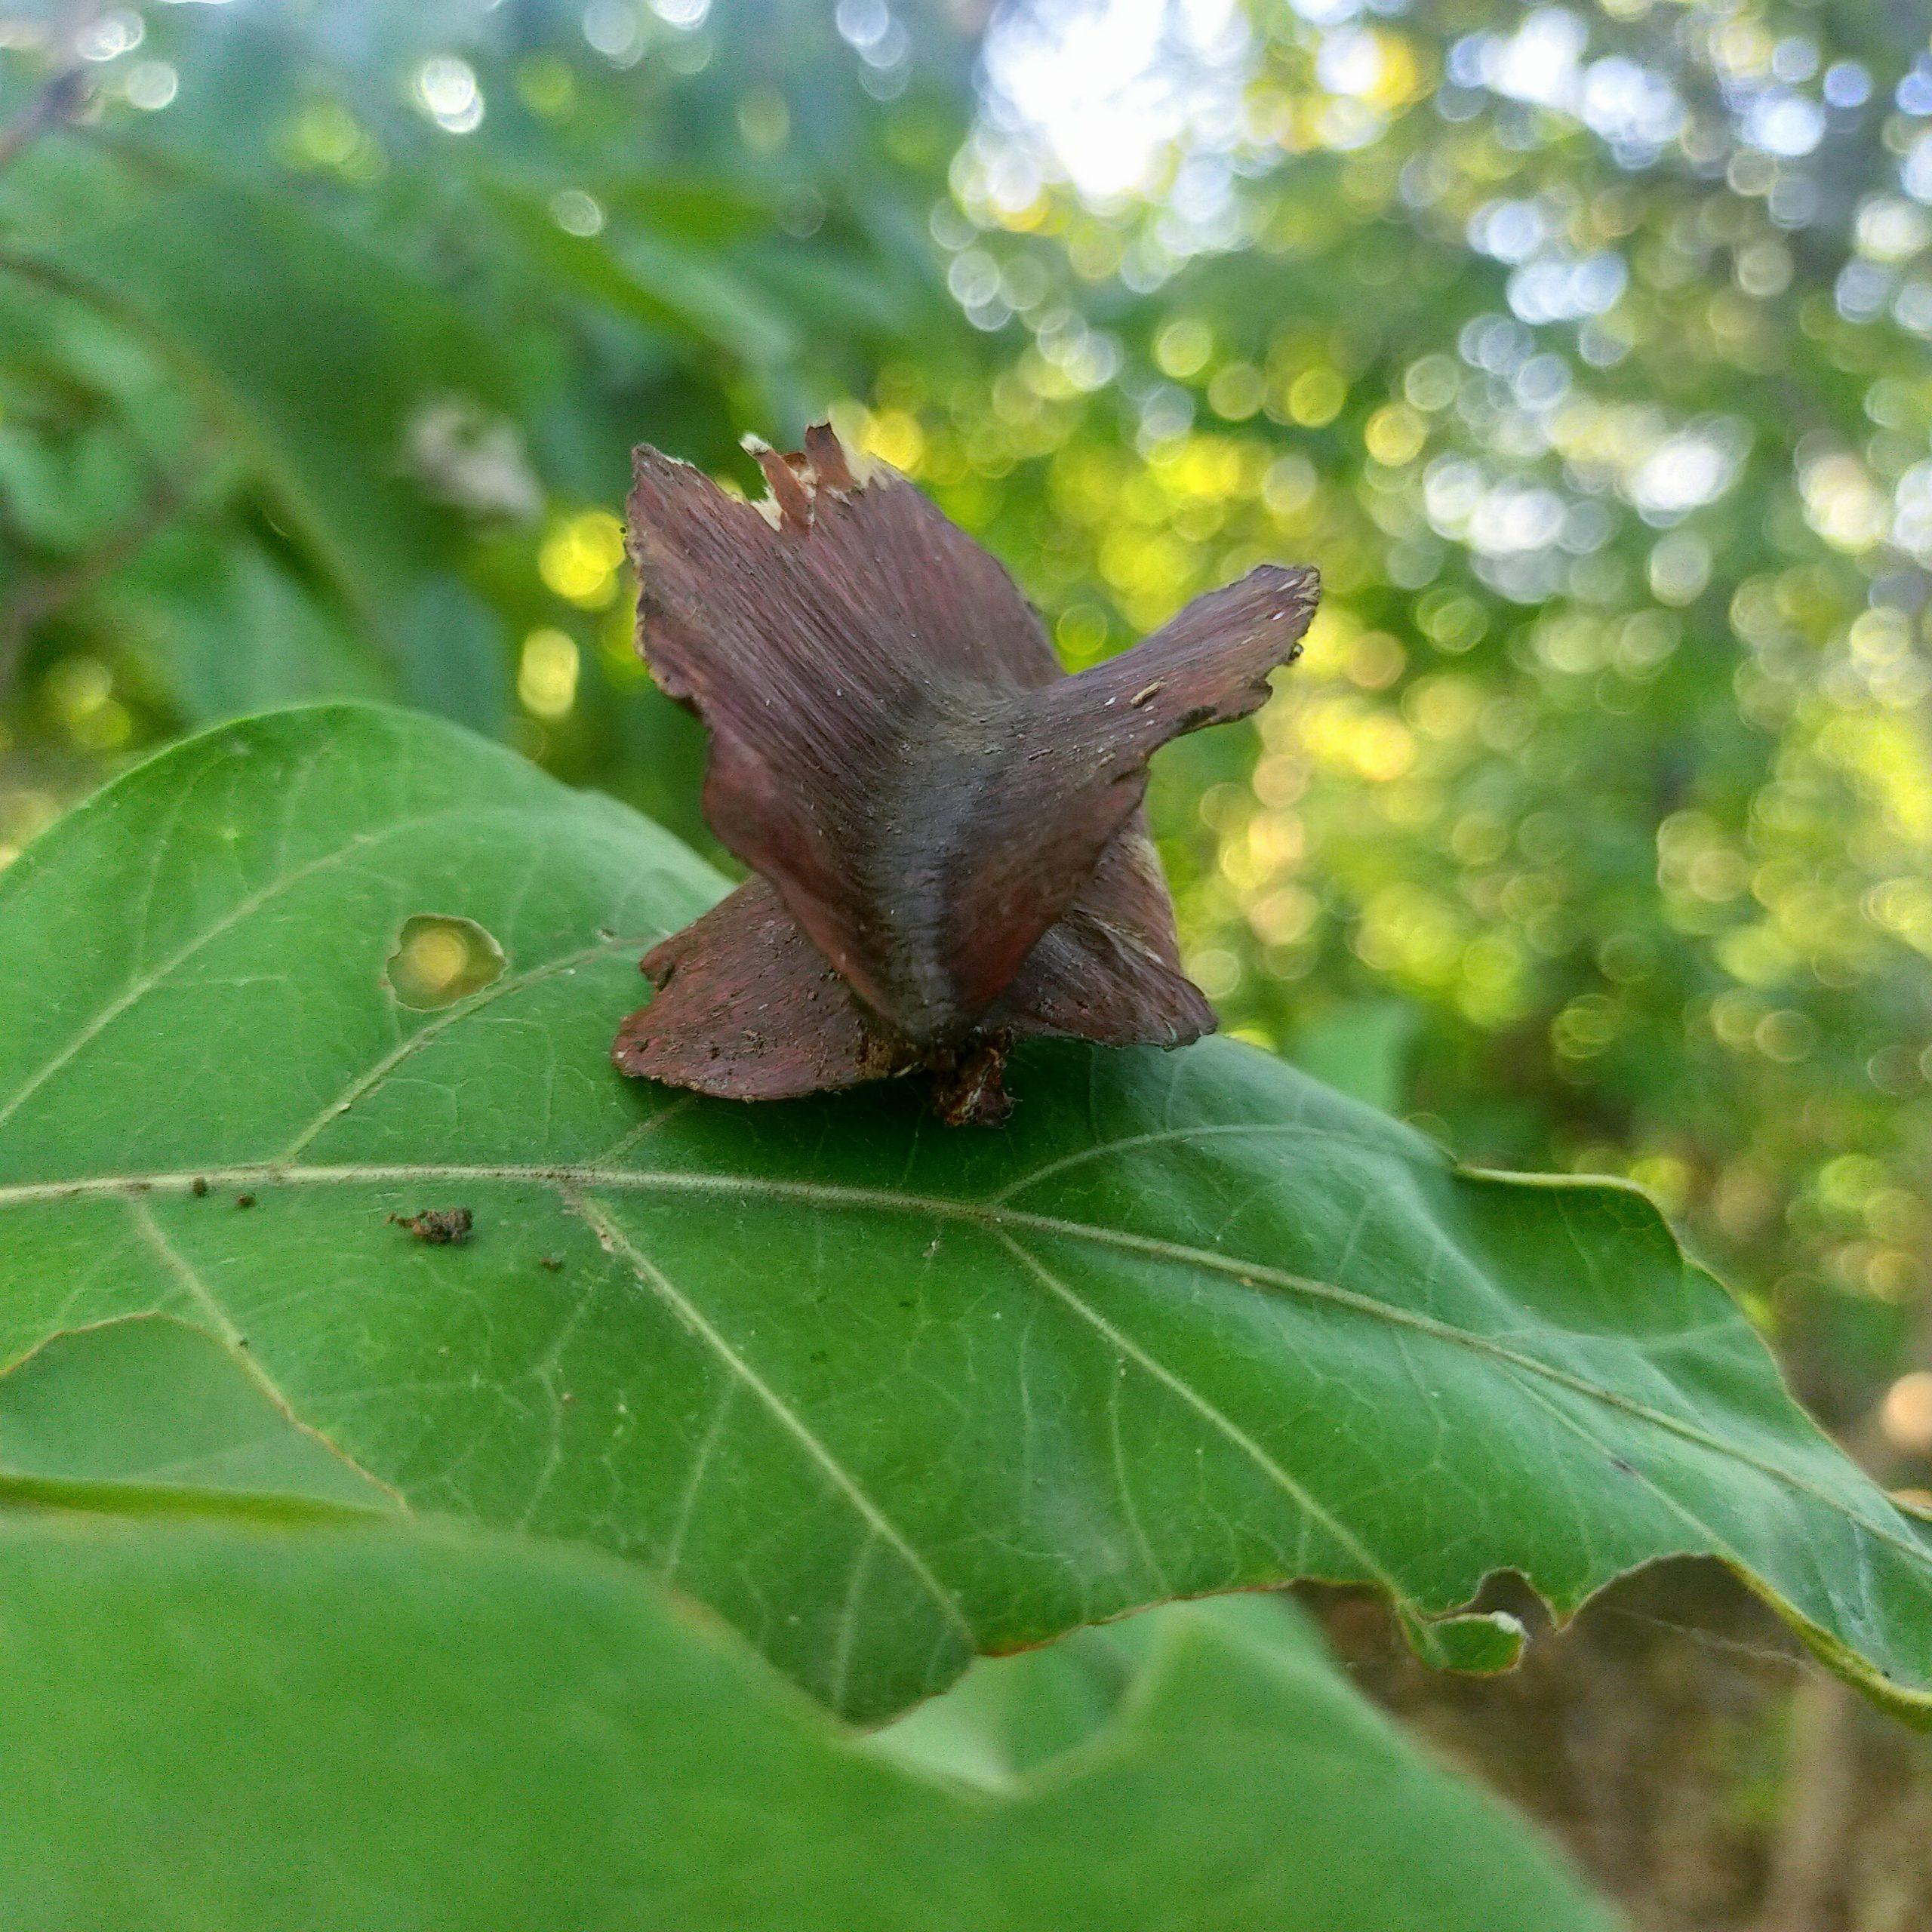 Seed on leaf